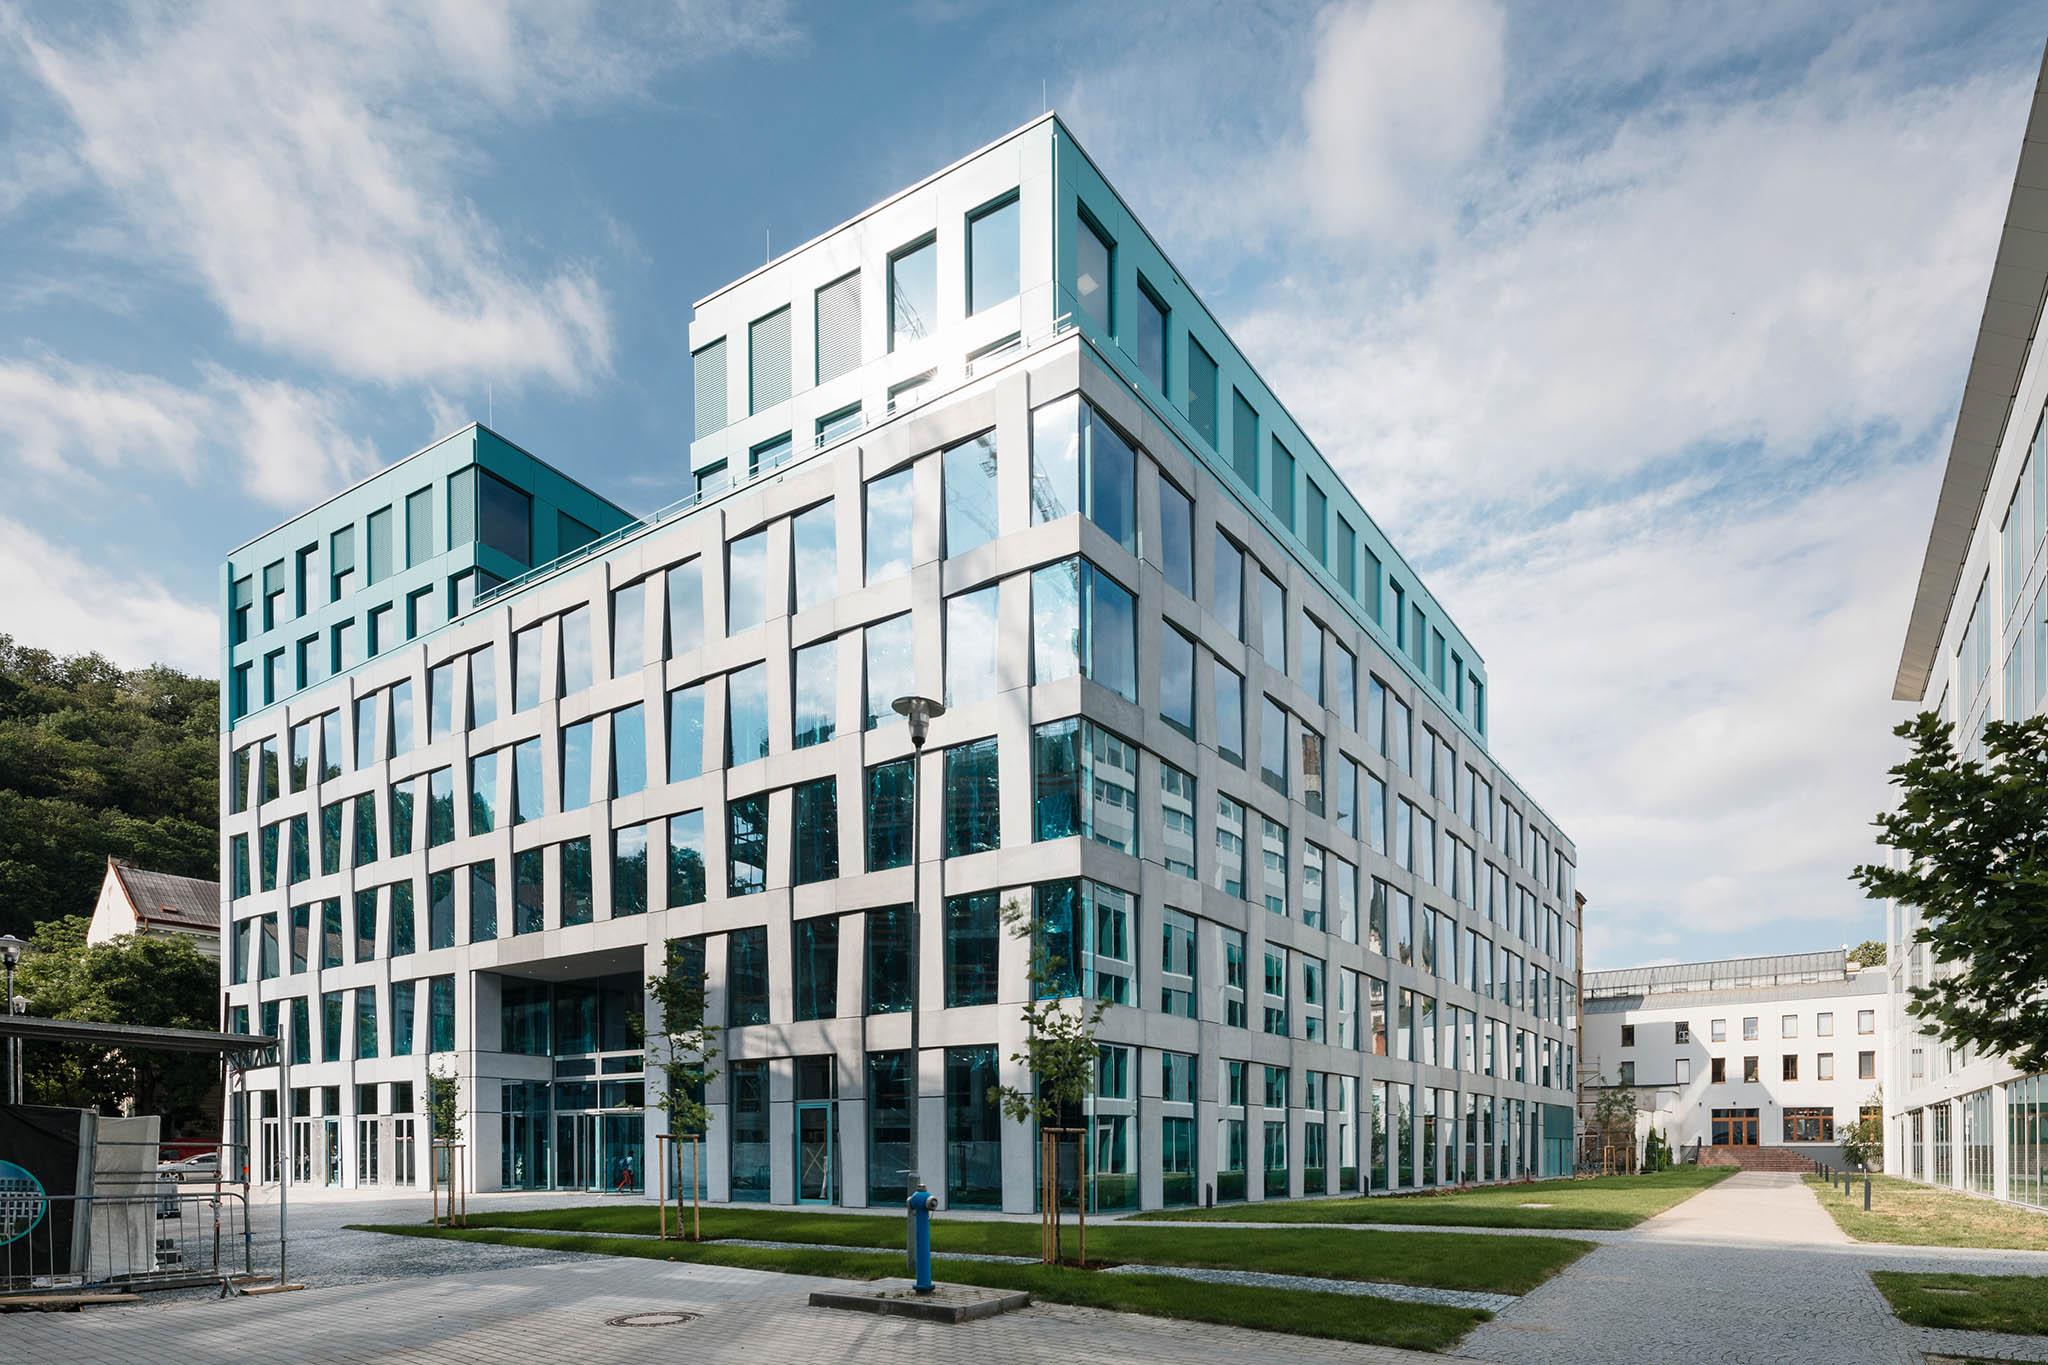 Projekt Praga Studios společnosti Skanska Property CR získal jak ocenění Environmentální projekt roku, tak prvenství vkategorii Nová administrativní centra.